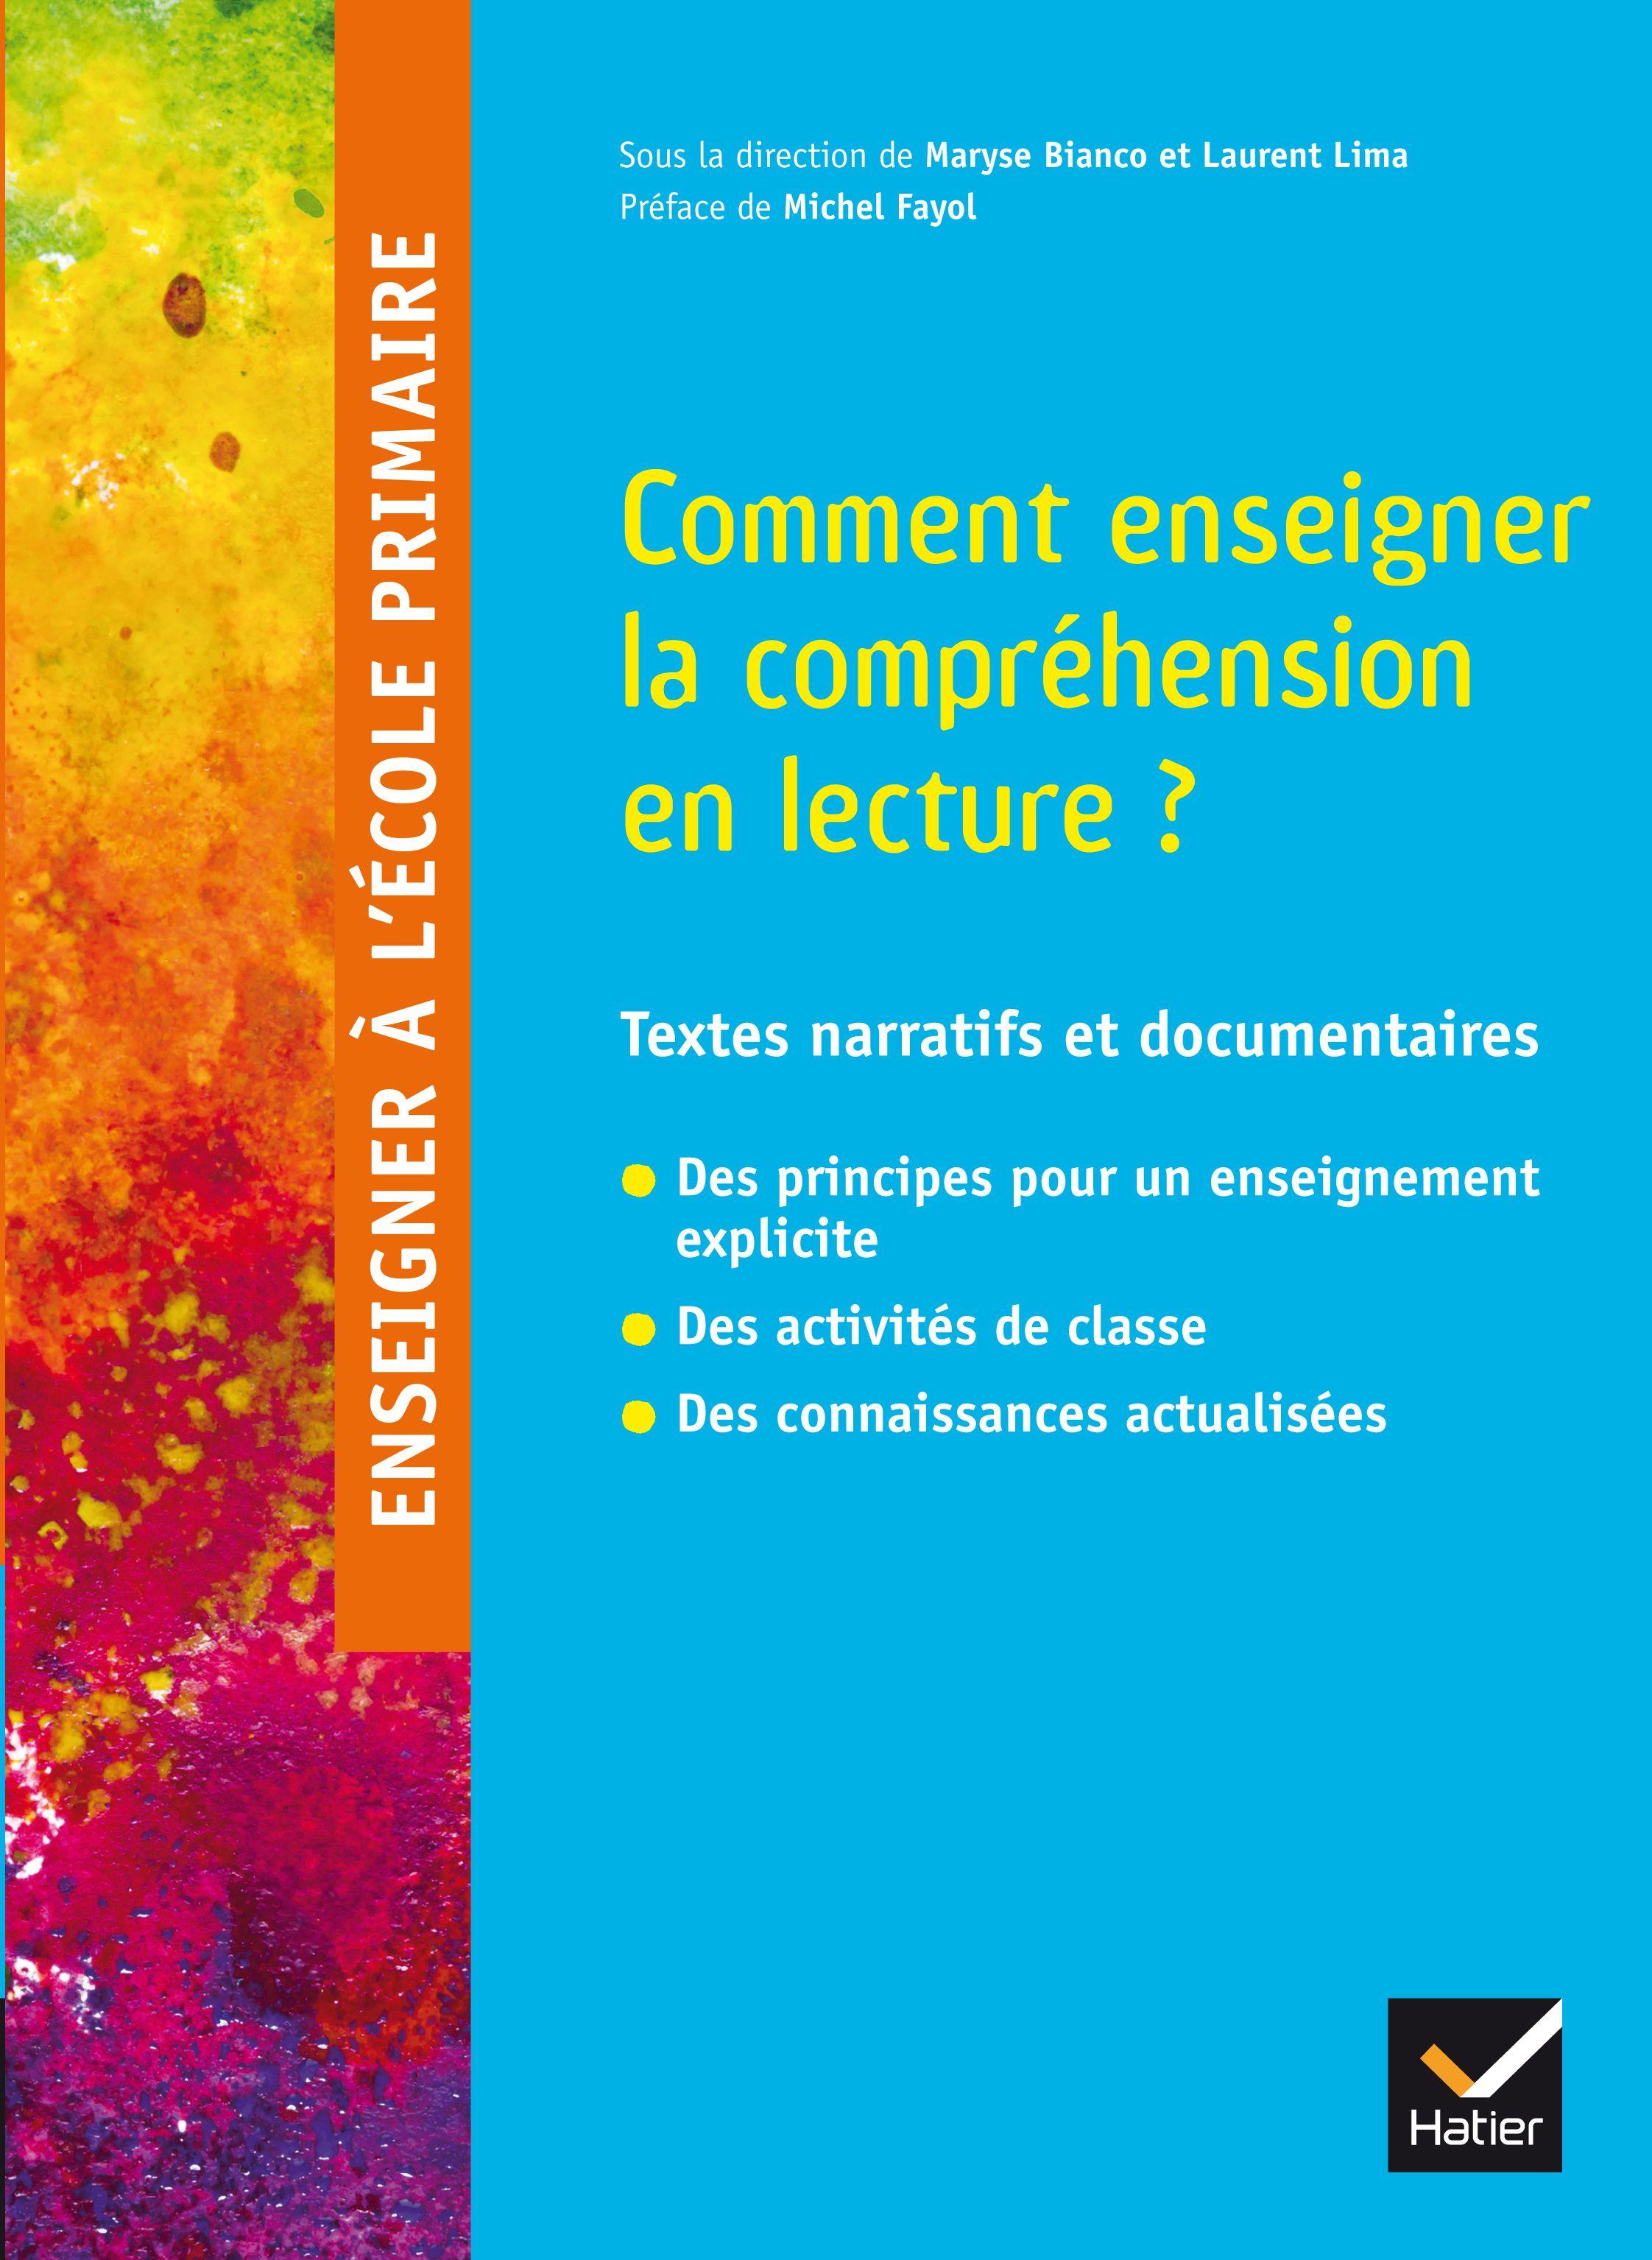 Epingle Par Editions Hatier Sur Pedagogie Maternelle Primaire Enseignement Ecole Primaire Texte Narratif